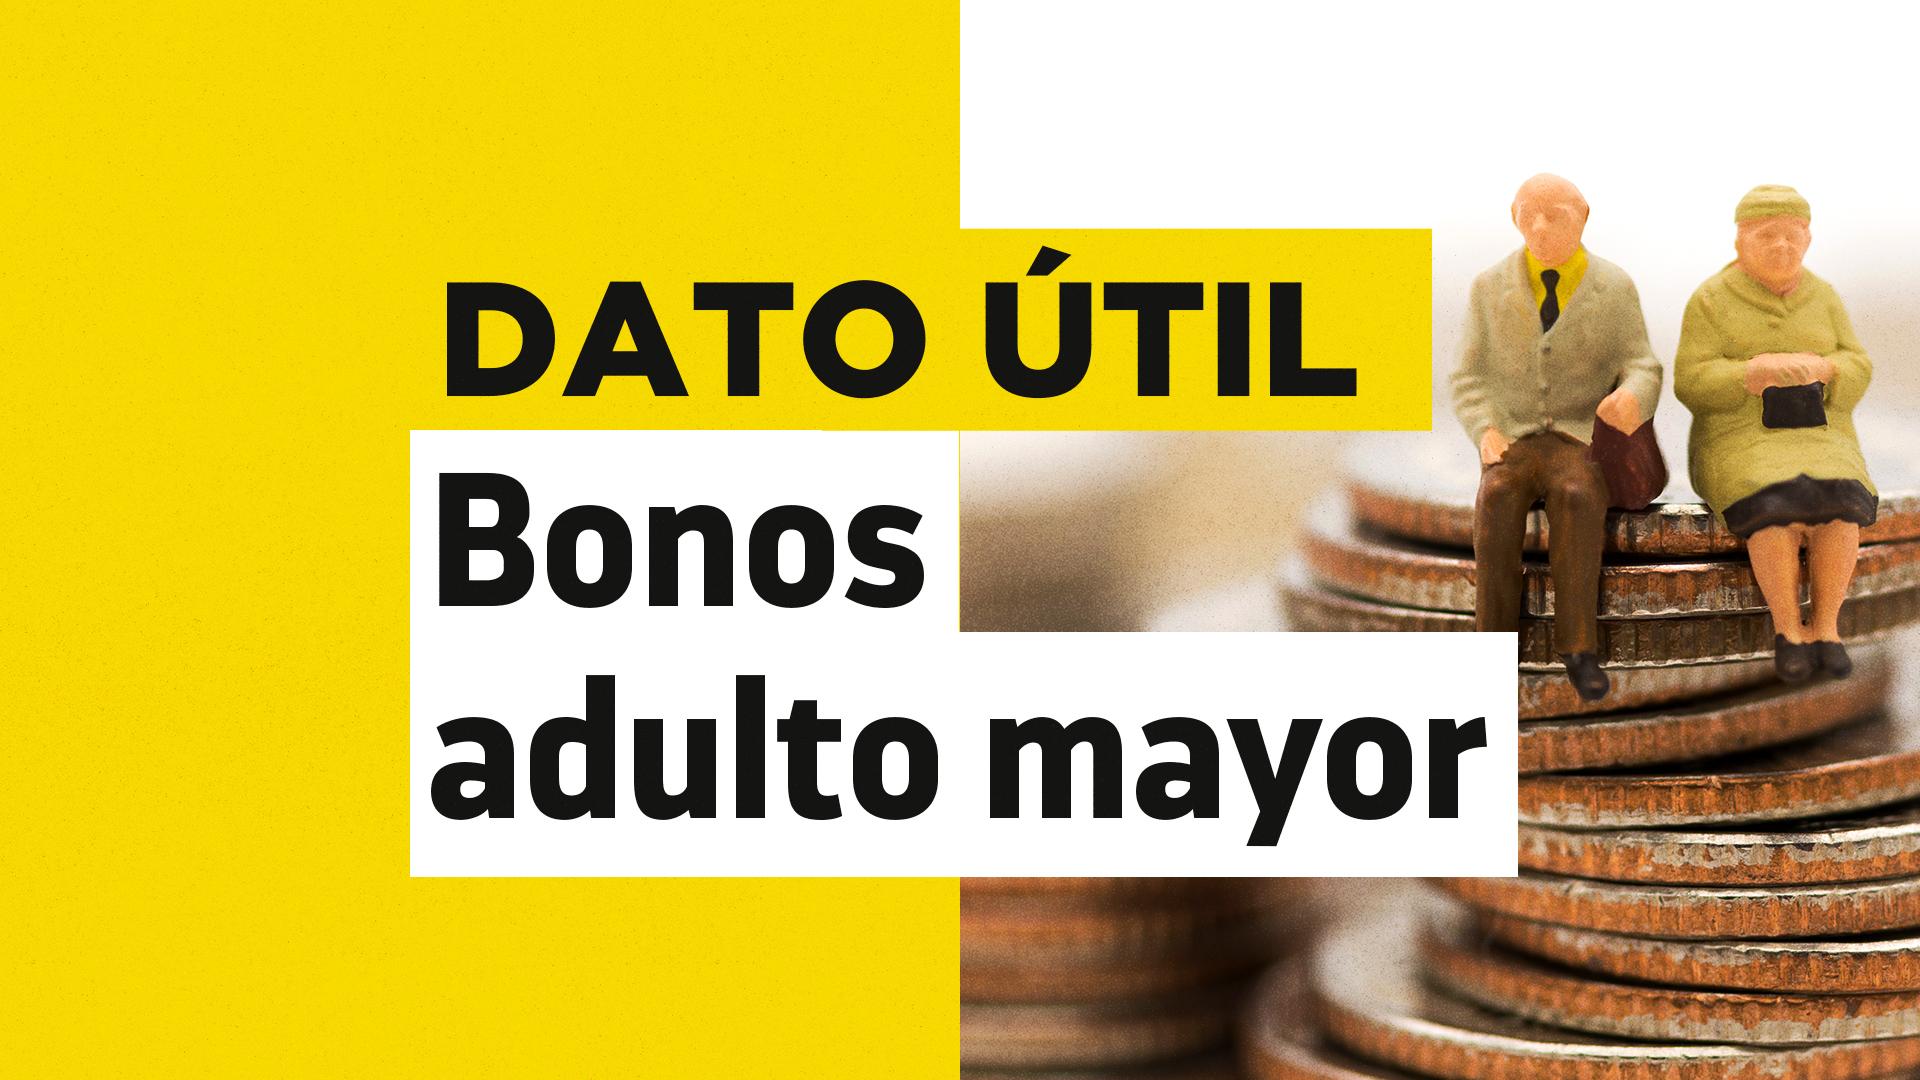 Bono adulto mayor 2021